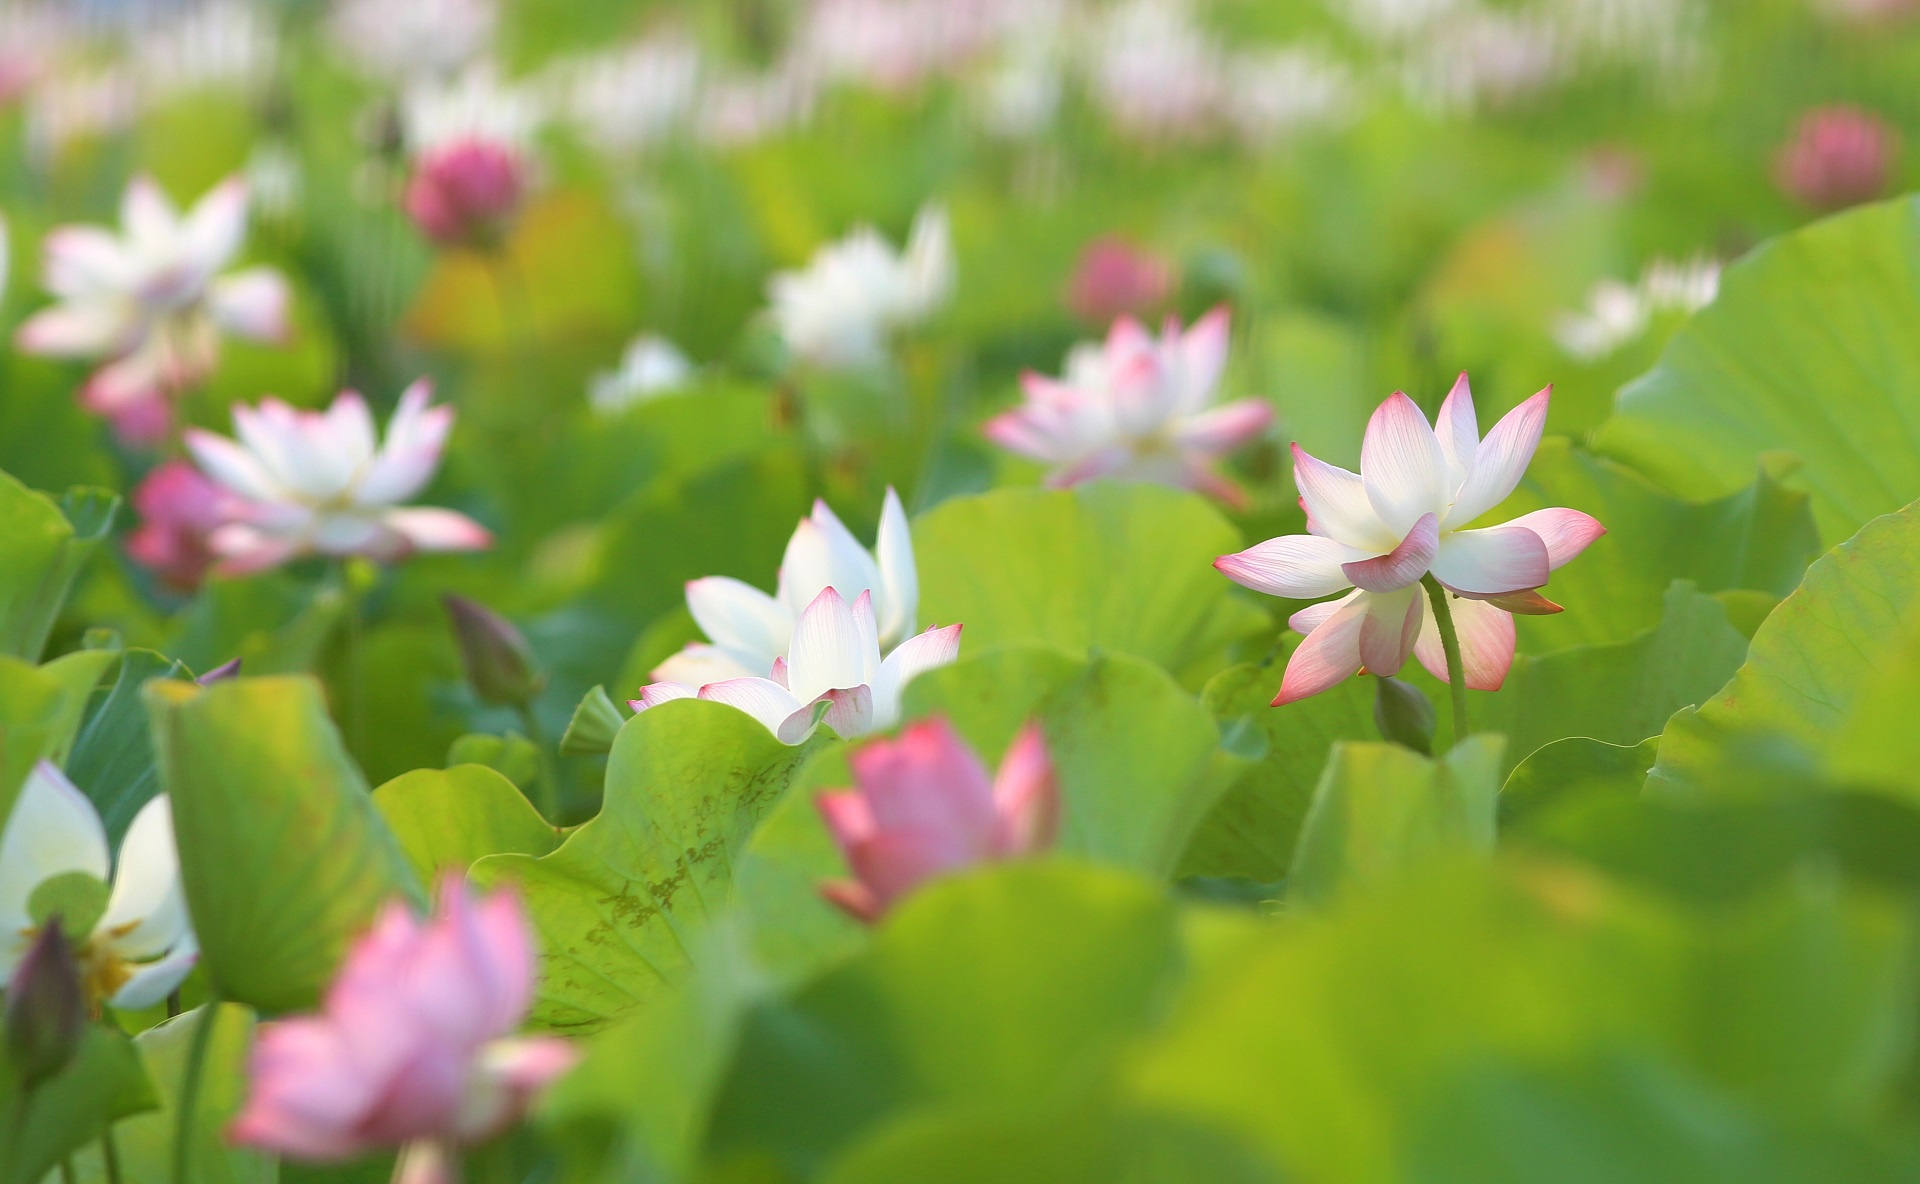 Mùa hoa sen ở Hải Phòng - Ảnh 4.